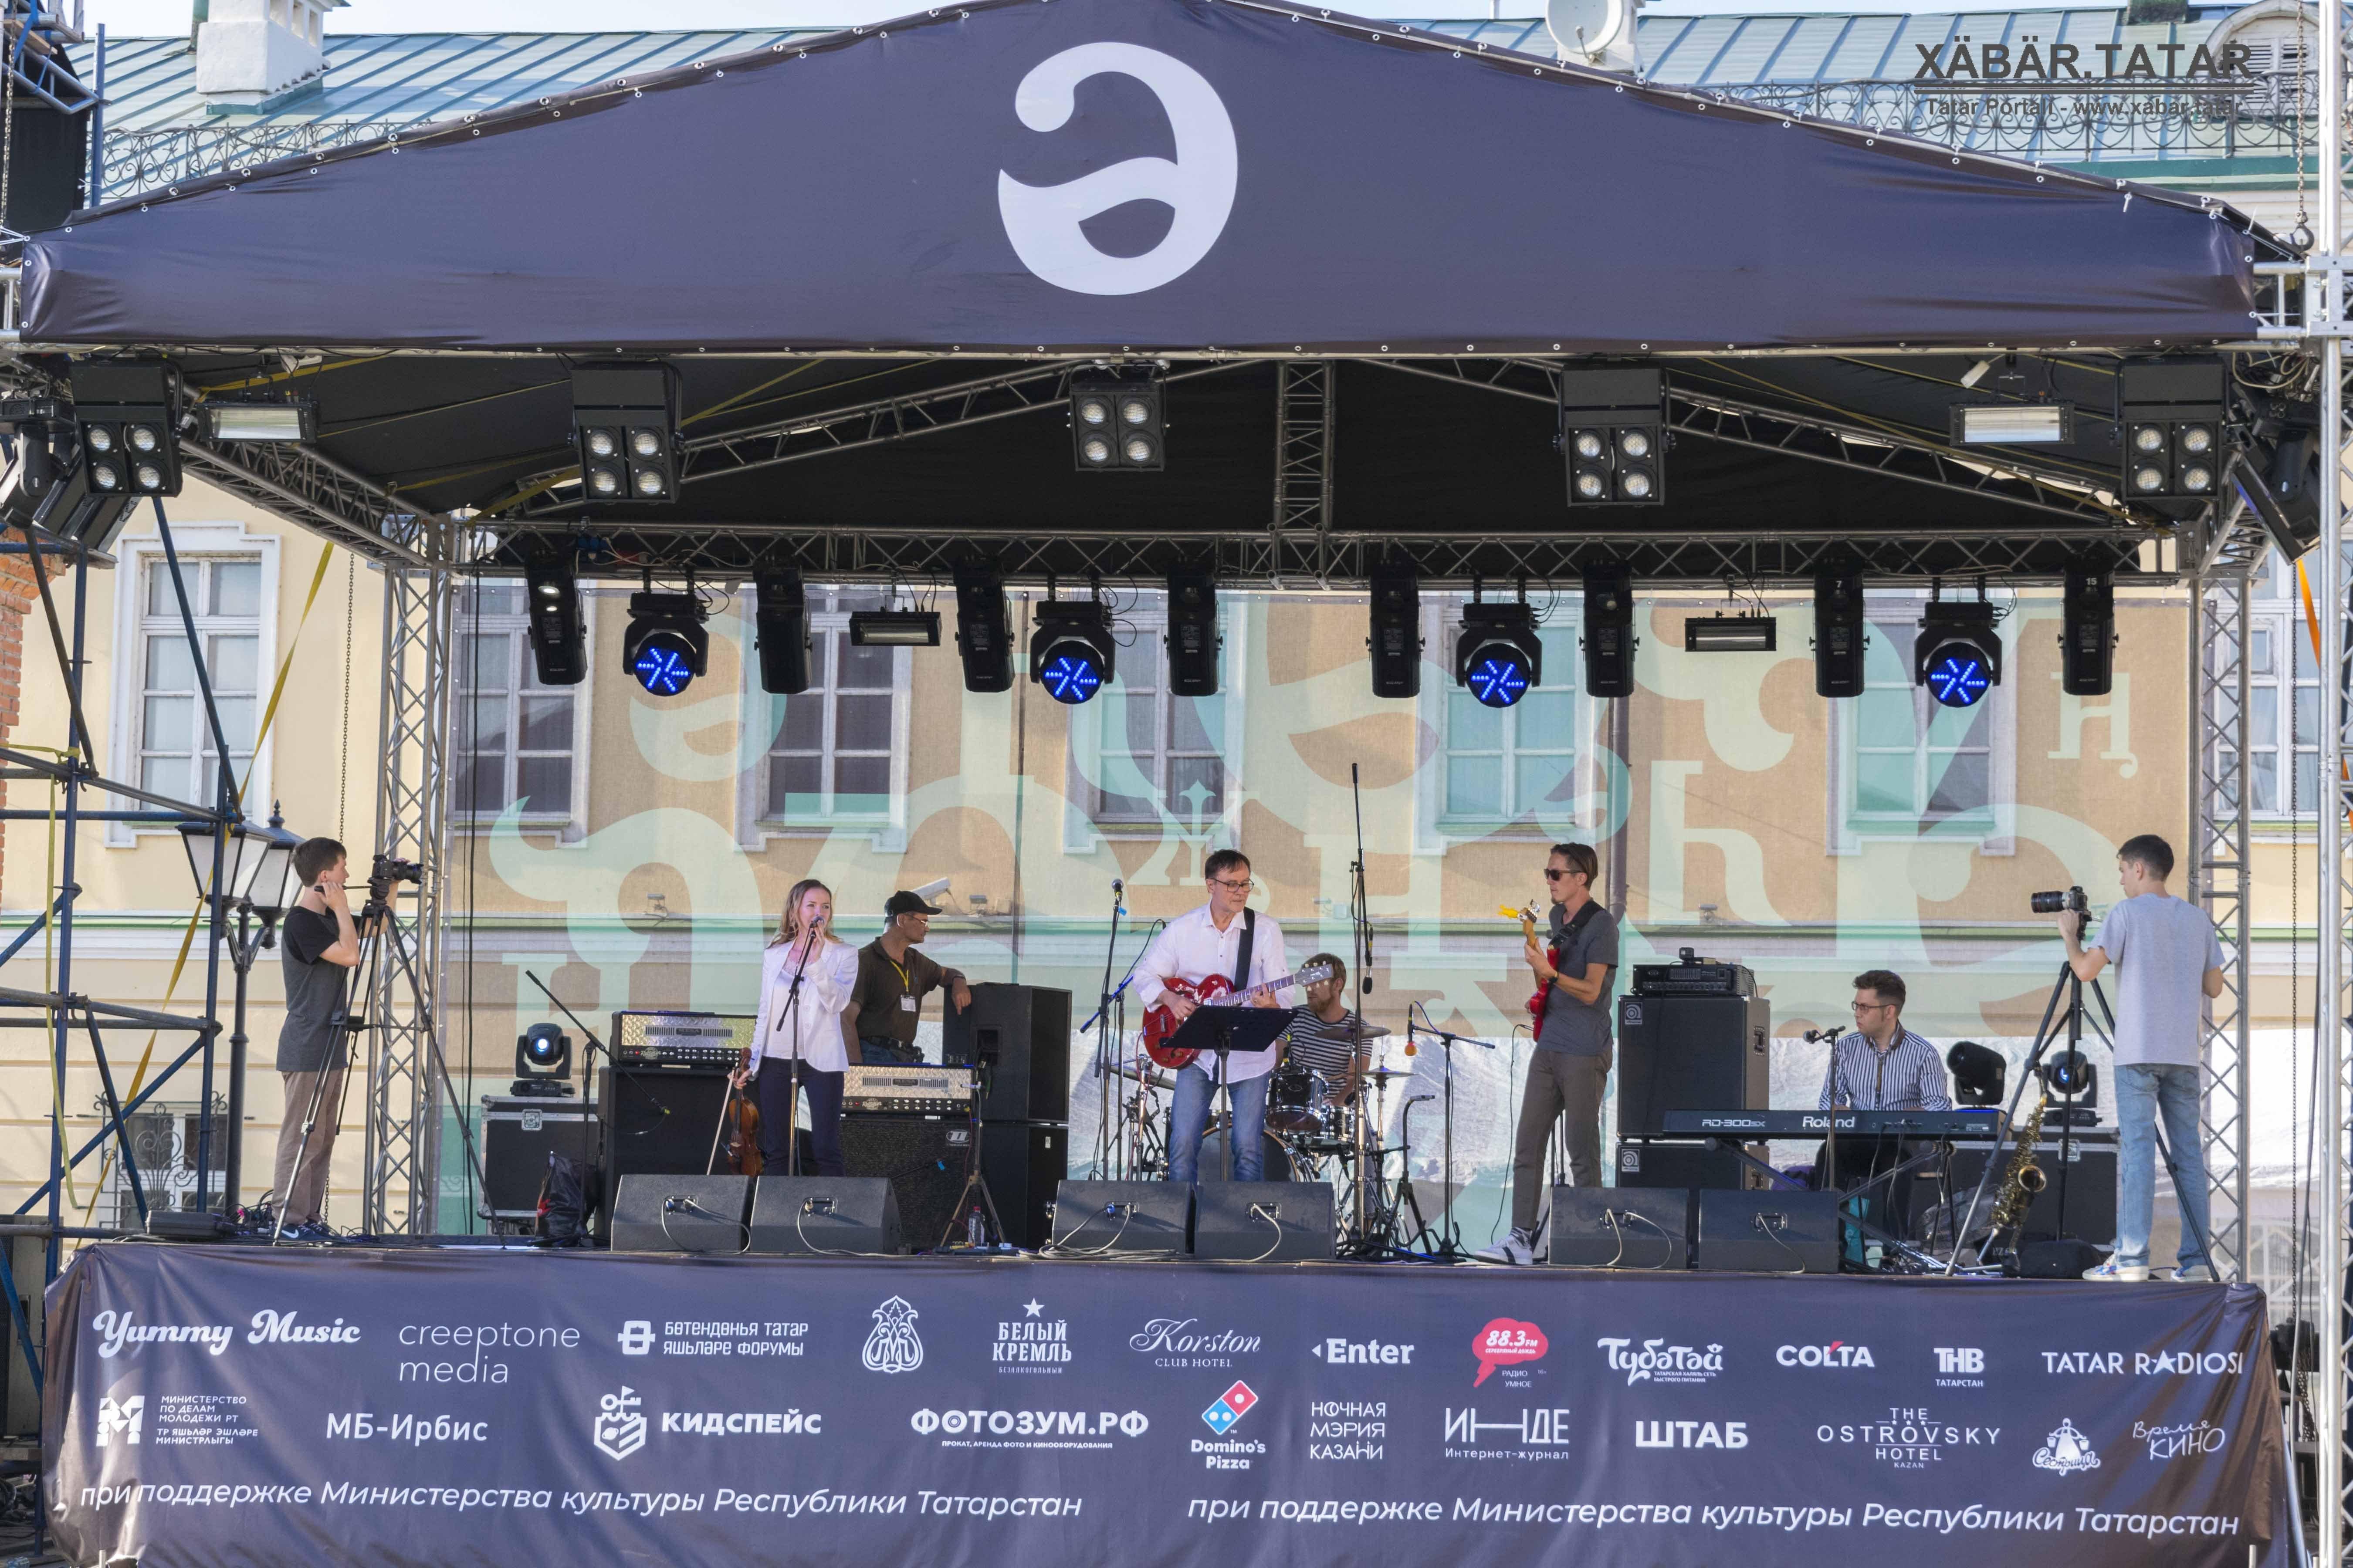 TAT CULT FEST - Фестиваль городской татарской культуры и искусств.